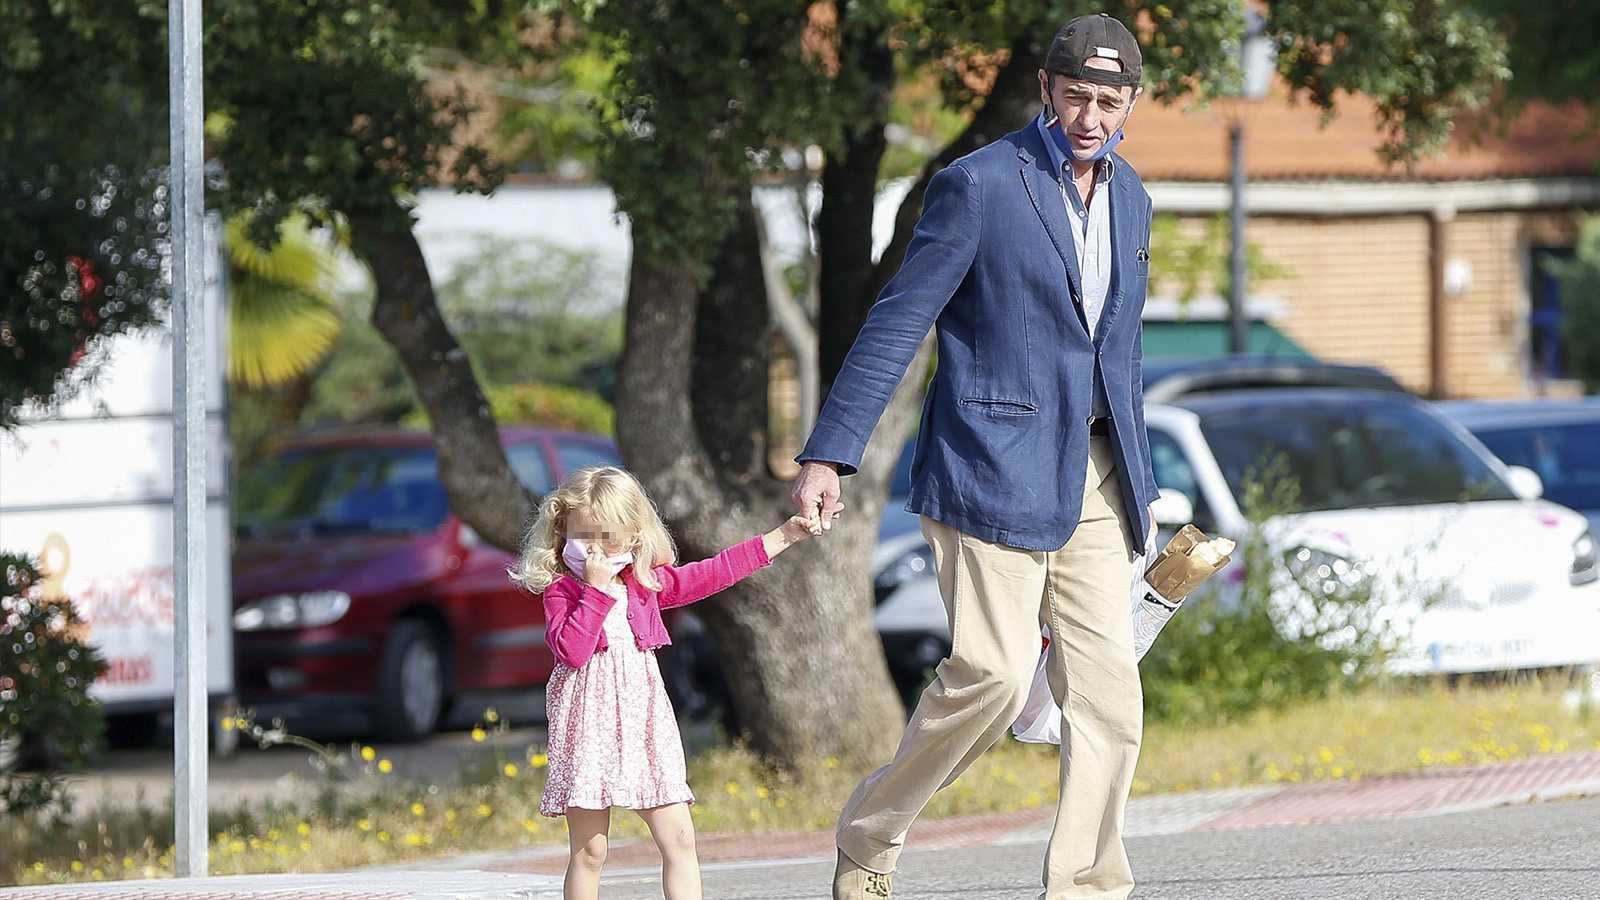 Alessandro Lequio de paseo junto a su hija, Ginevra